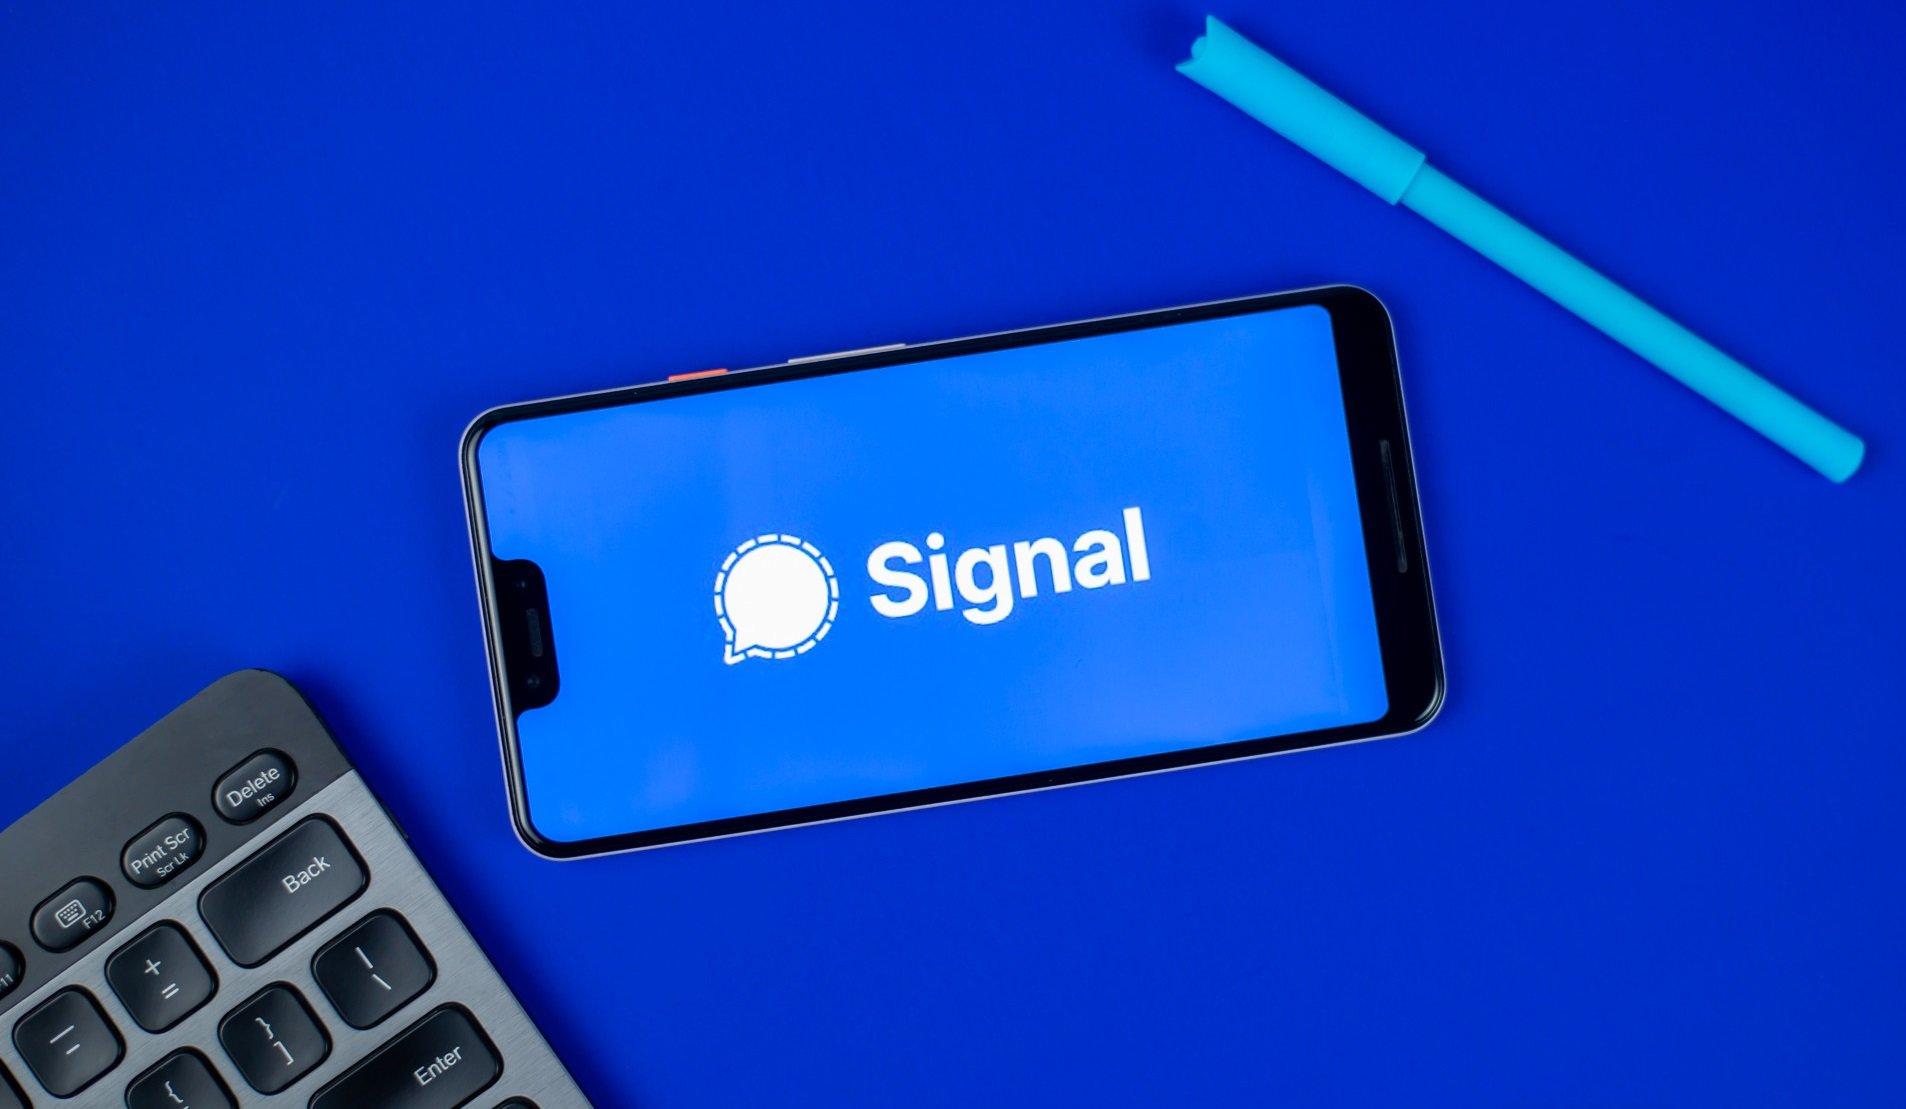 هرآنچه باید درباره پیام رسان سیگنال و امنیت آن بدانید